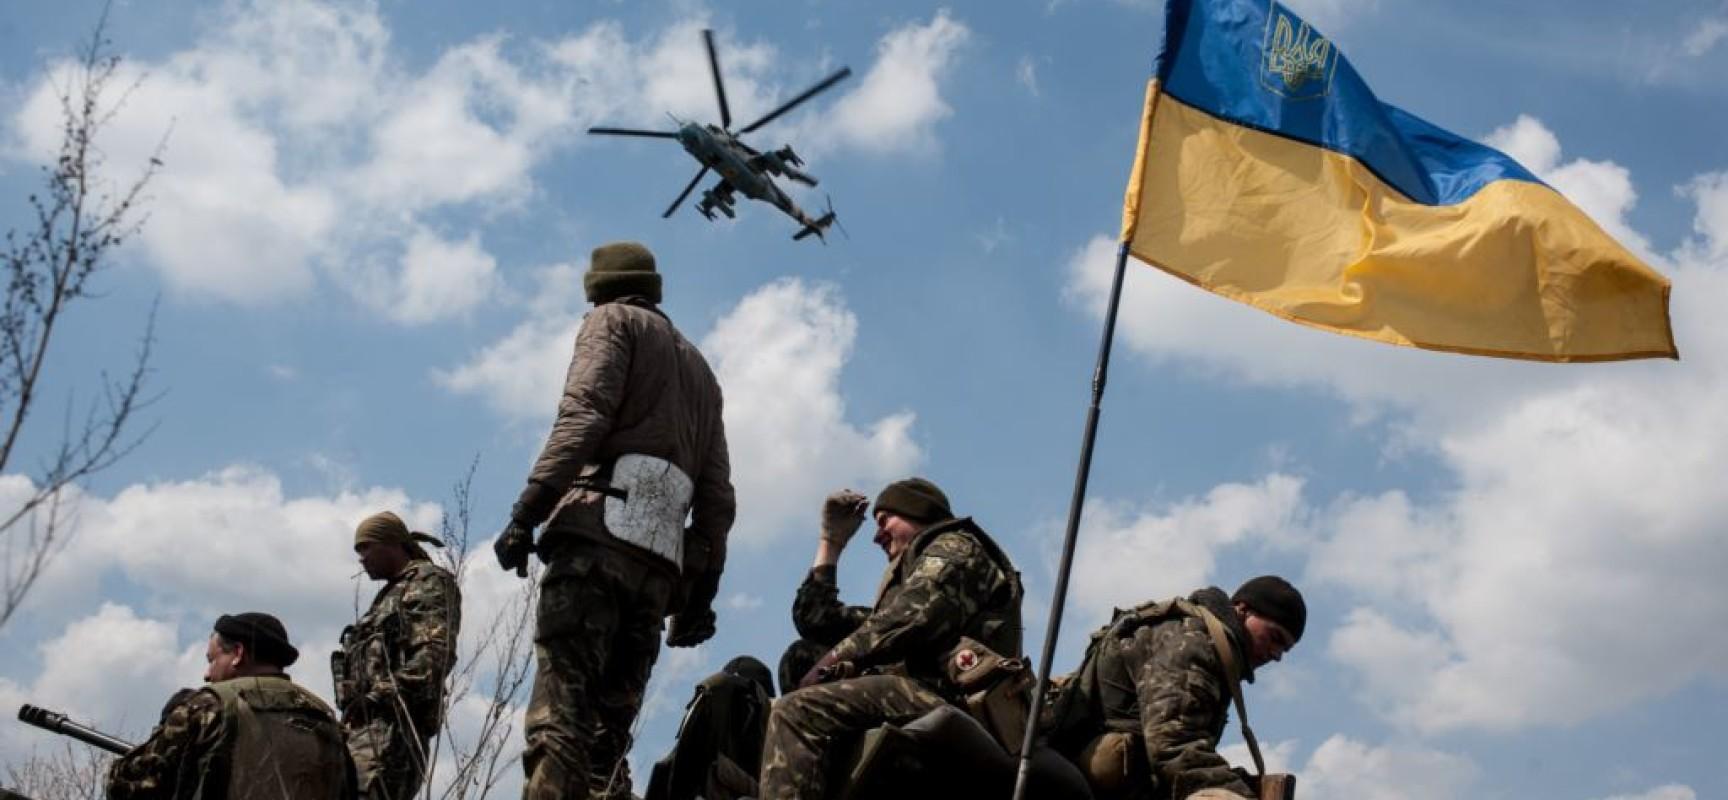 украина, ато, война, донбасс, ооо, всу, порядок, документ, режимы.